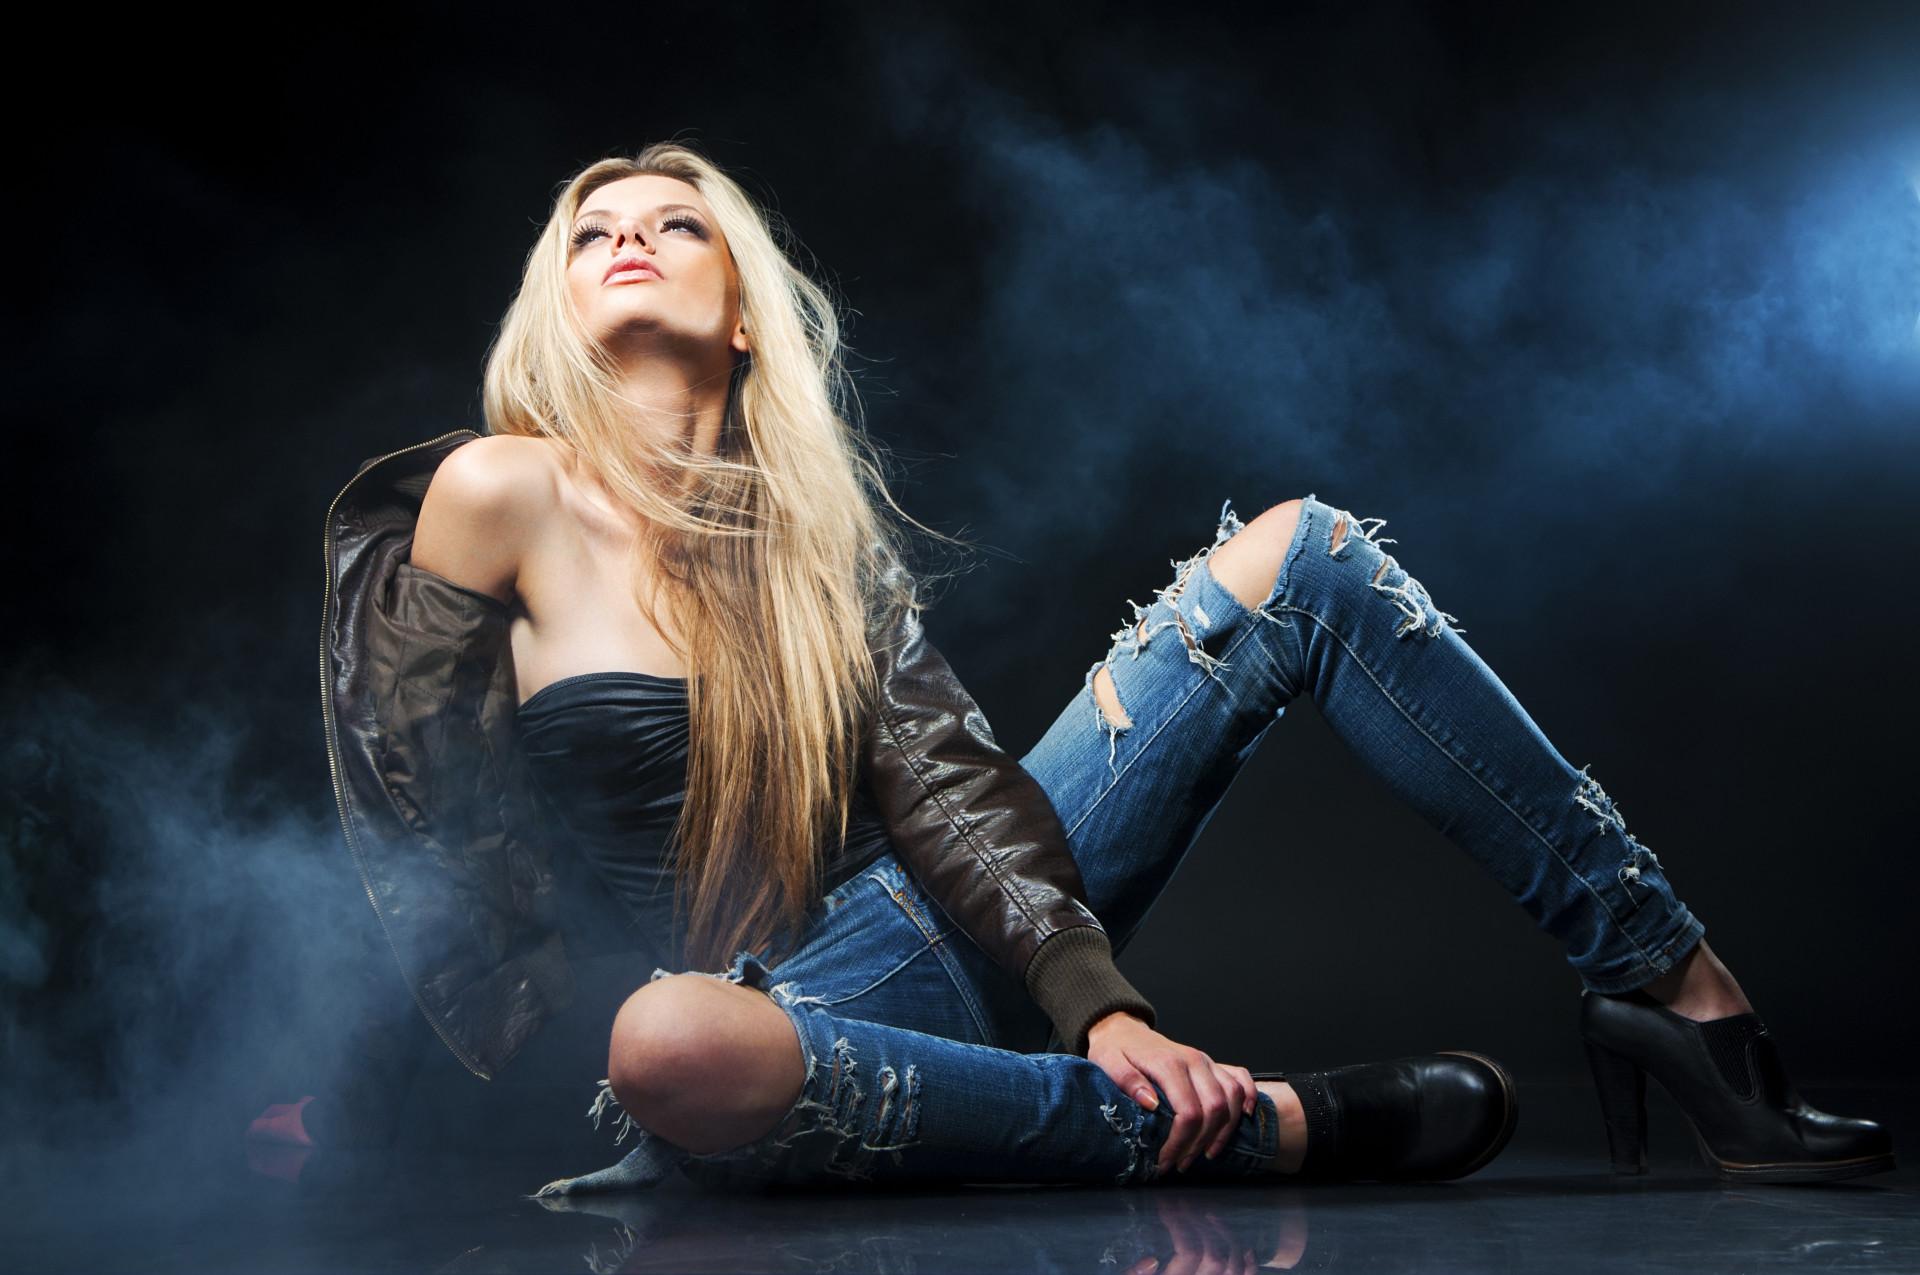 Девушка в джинсовой курточке бесплатно